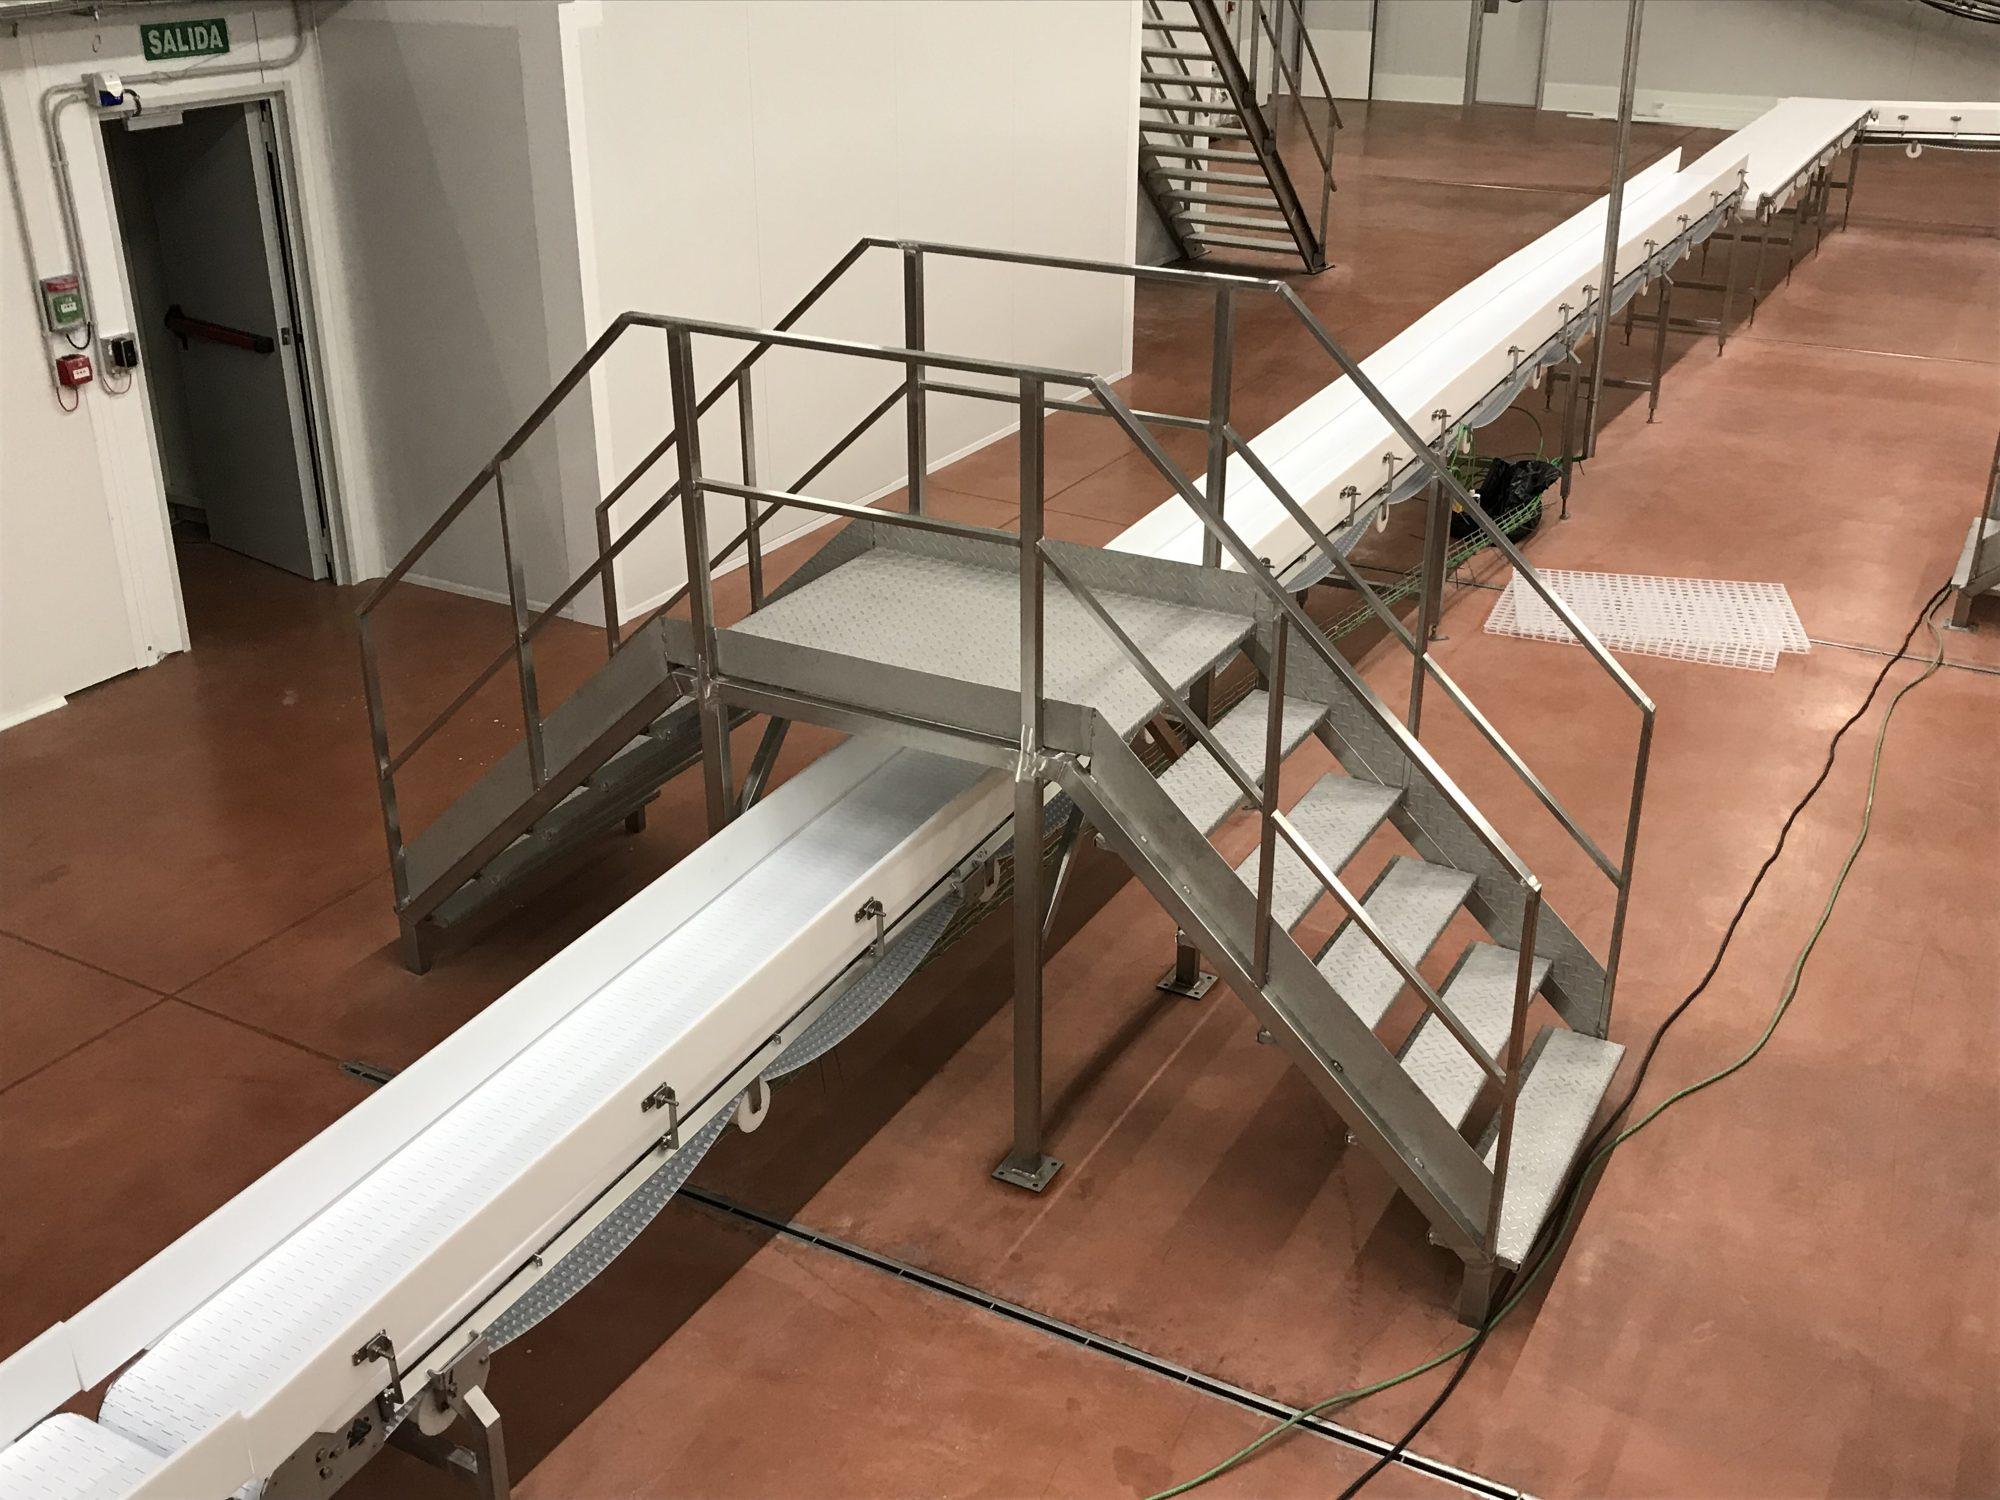 Escalera de acero inoxidable para cruzar cinta transportadora